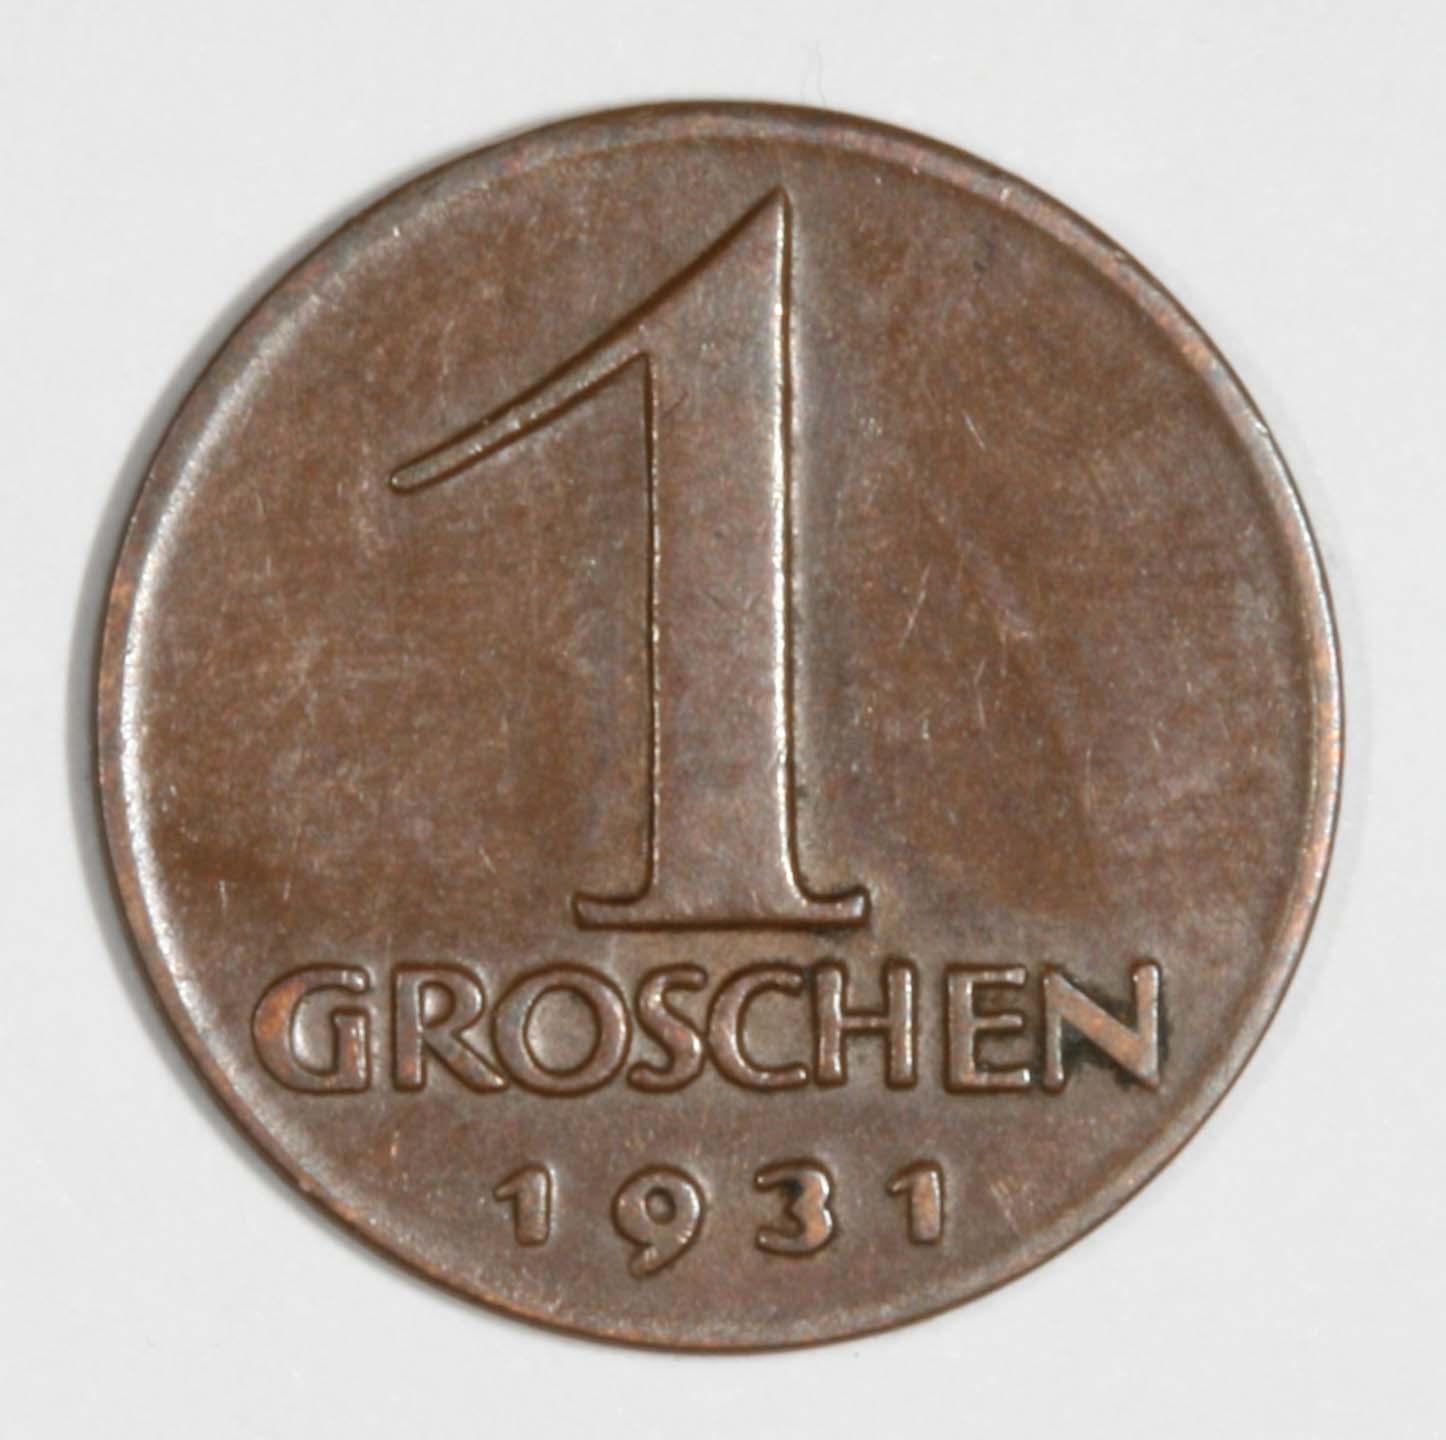 Groschen 1931